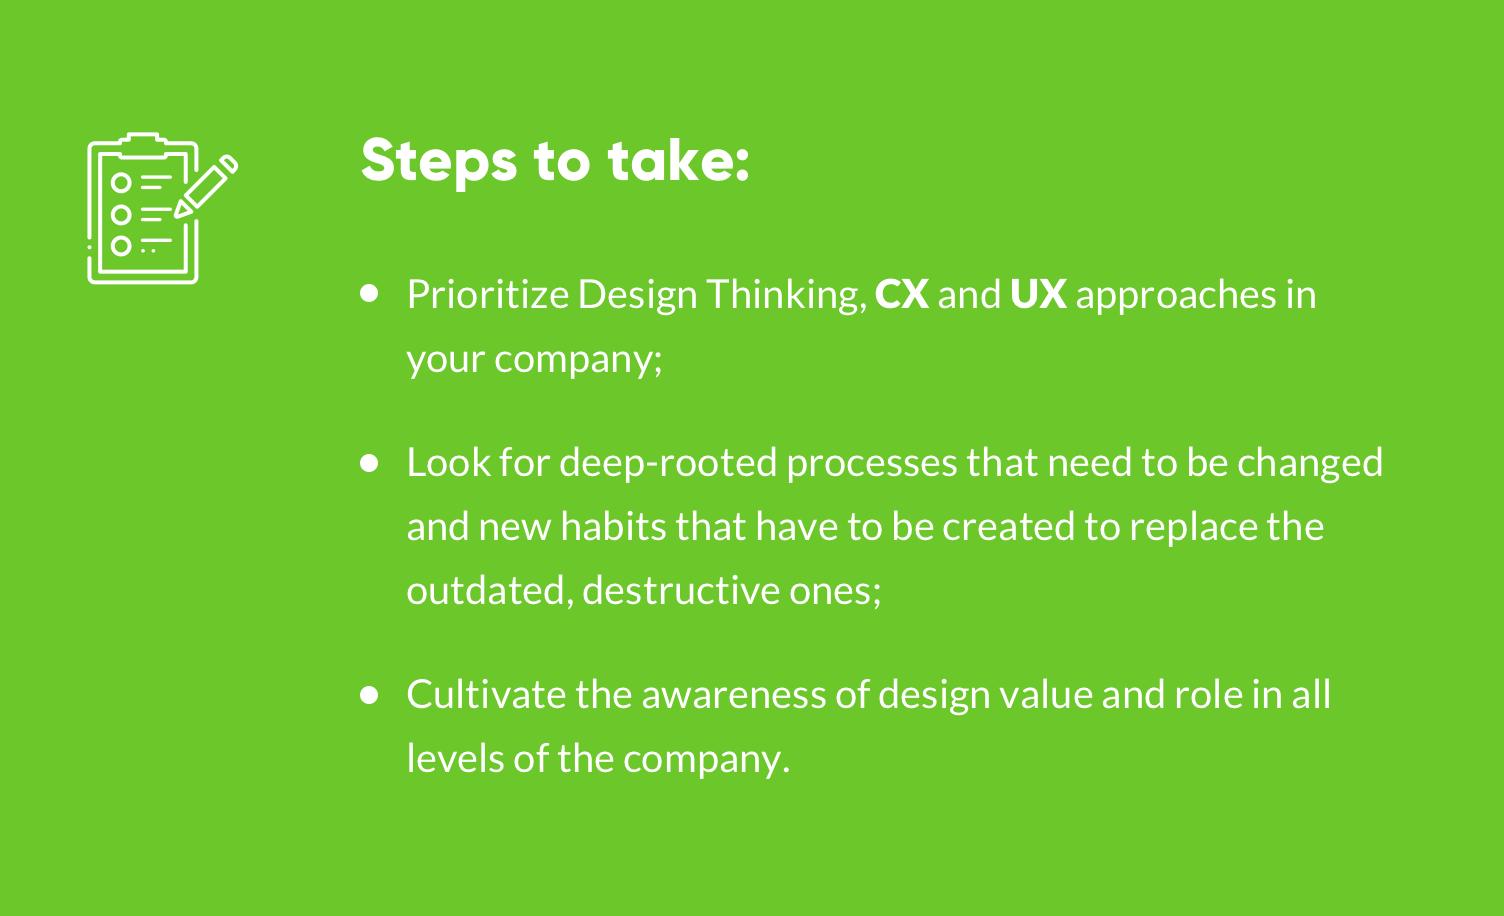 ux-design-for-banking-uxda-methodology-1-S.jpg